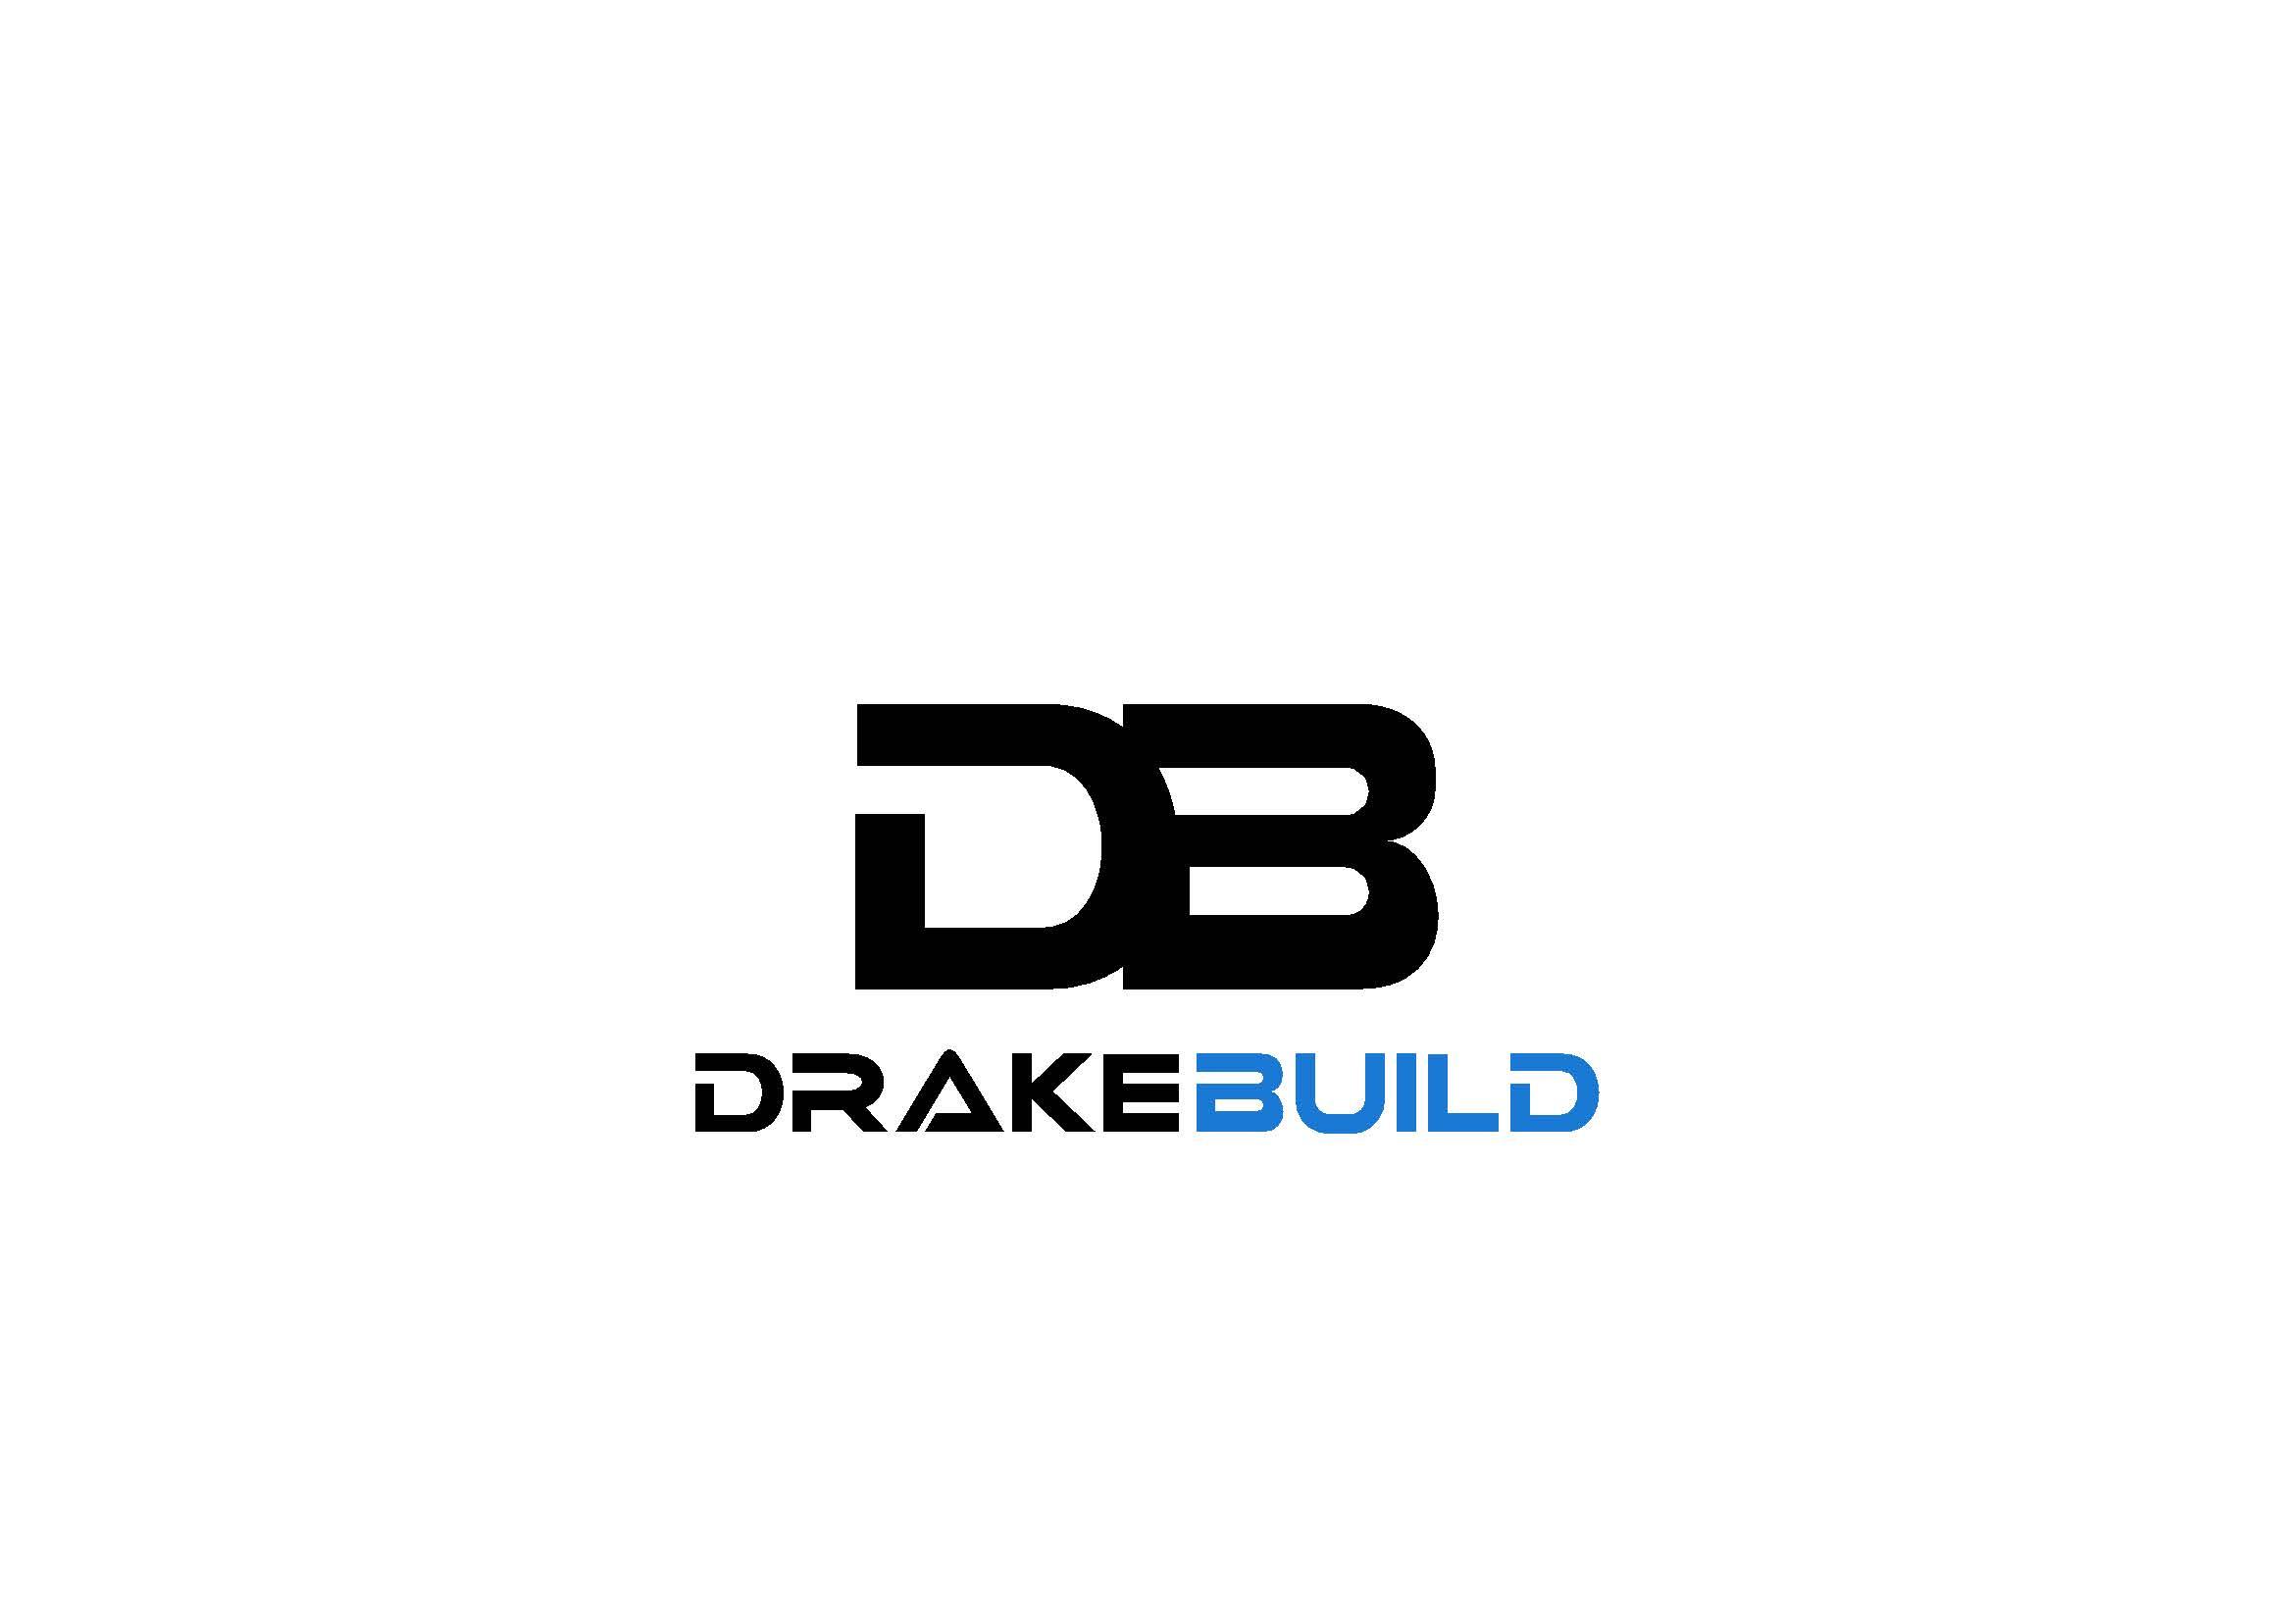 DrakeBuild